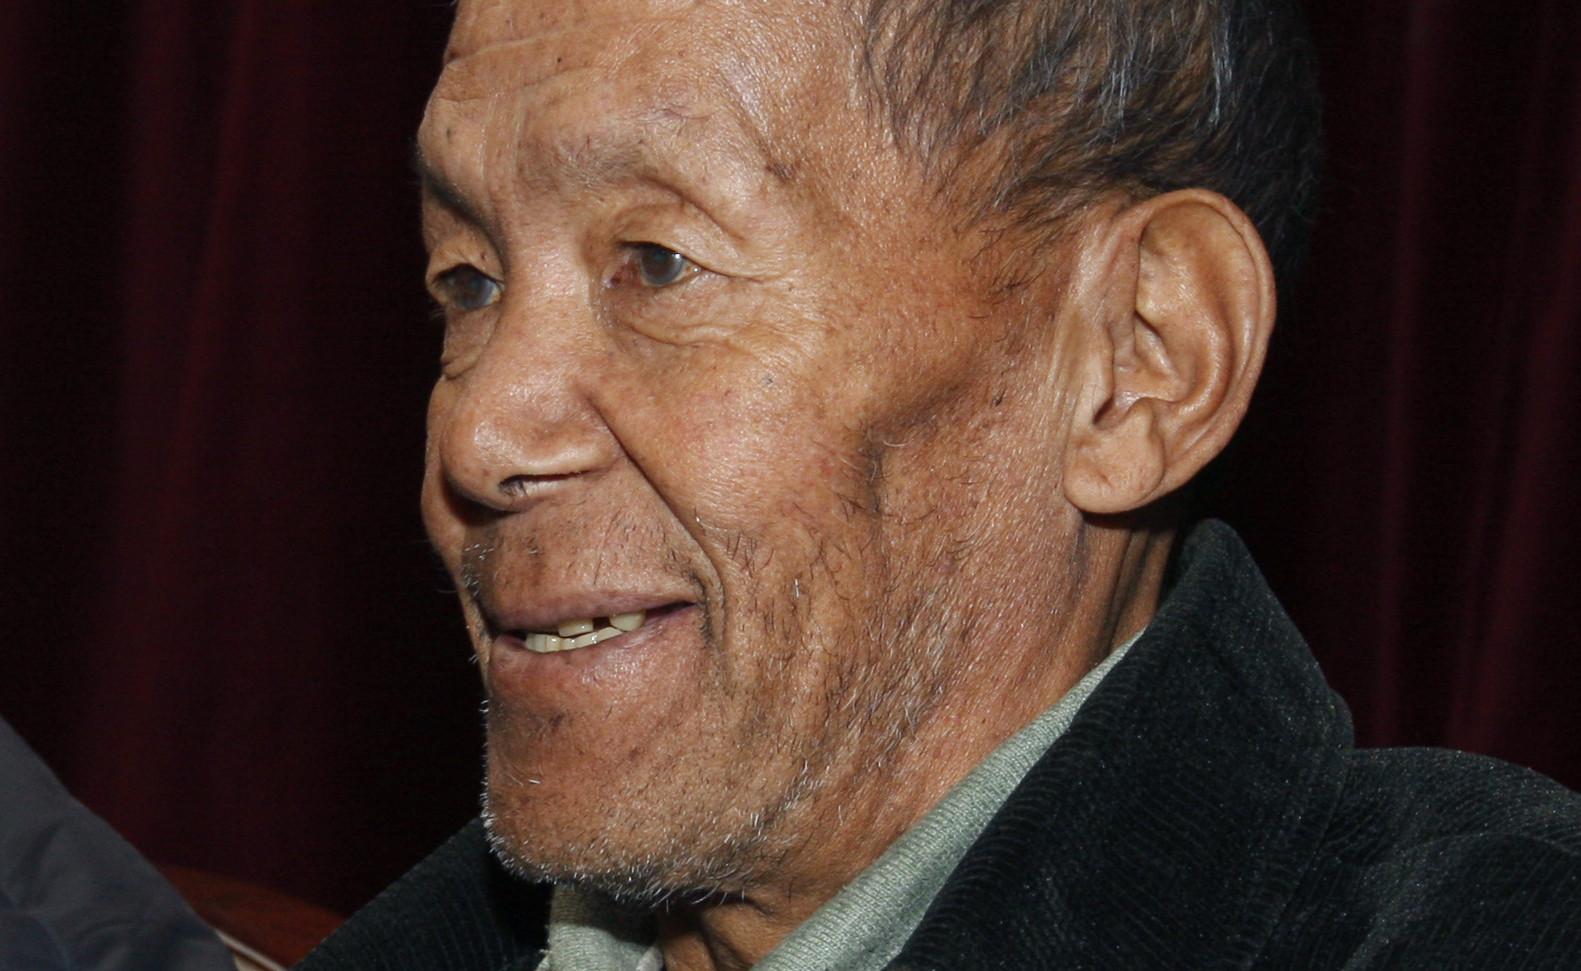 ▲▼尼泊爾知名登山家夏爾巴因病辭世,享壽72歲。(圖/達志影像/美聯社)